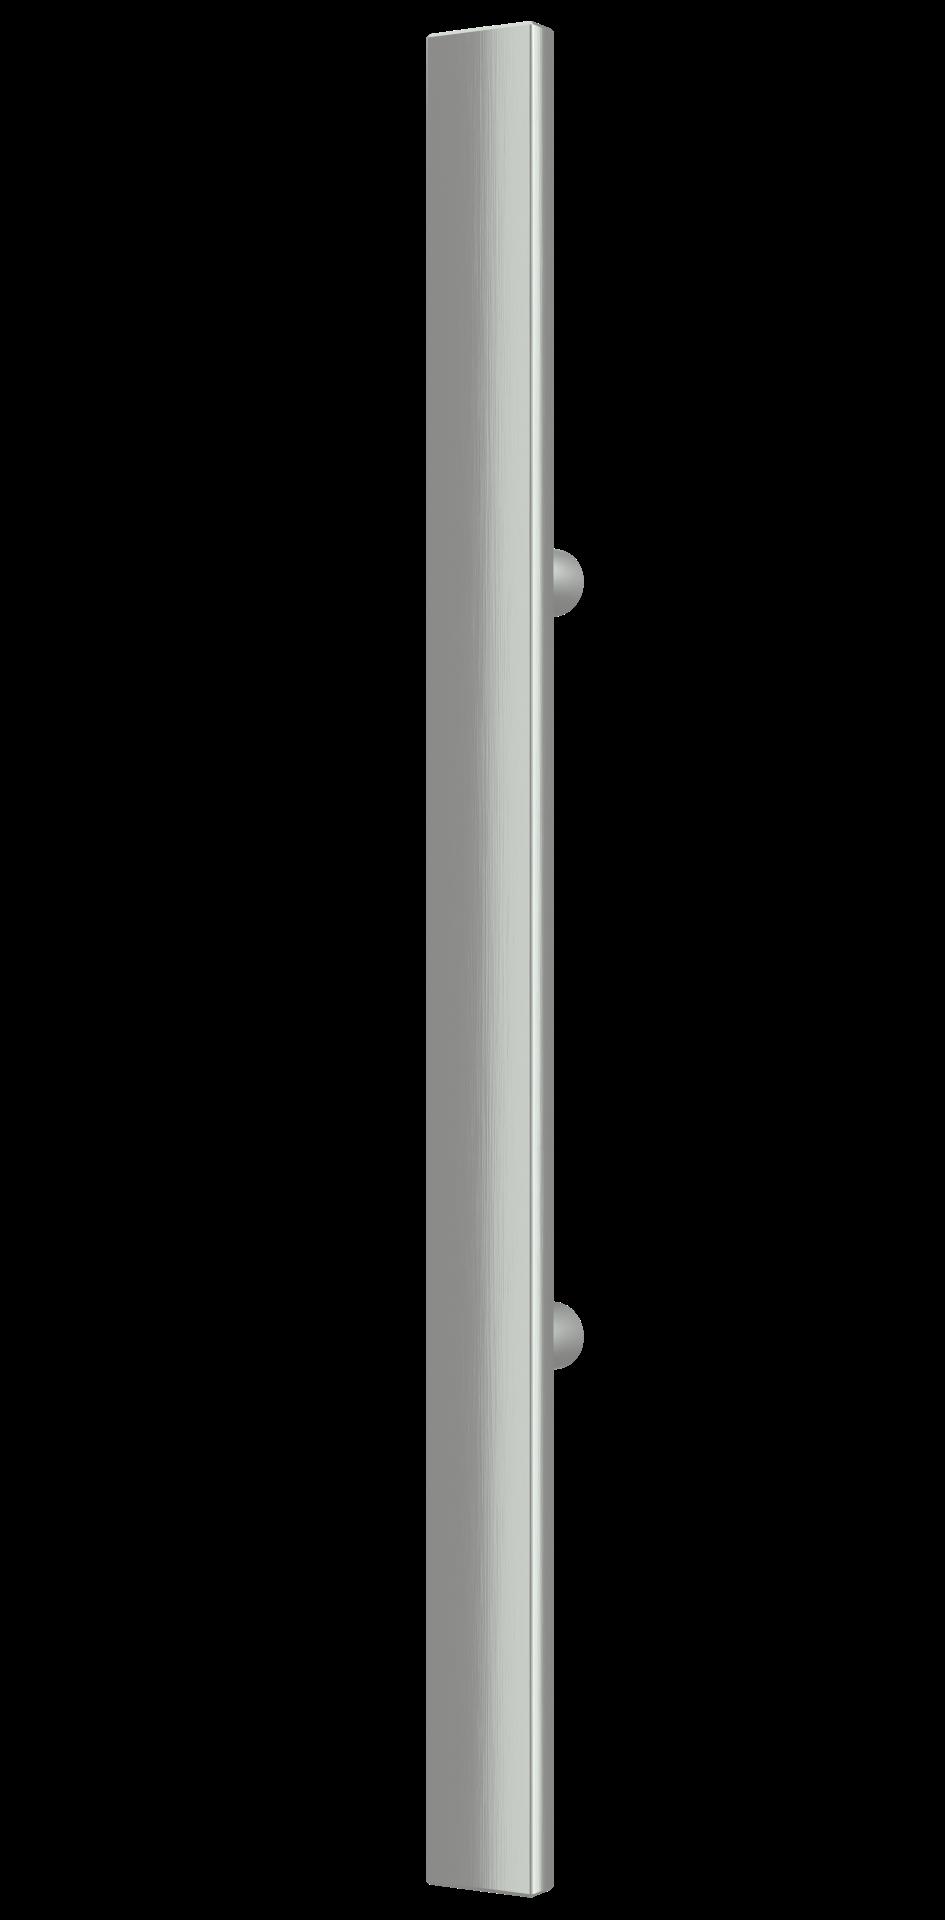 Griffingov ročaj GPR-ON iz linije Prime Line-inox ročaji za vhodna vrata